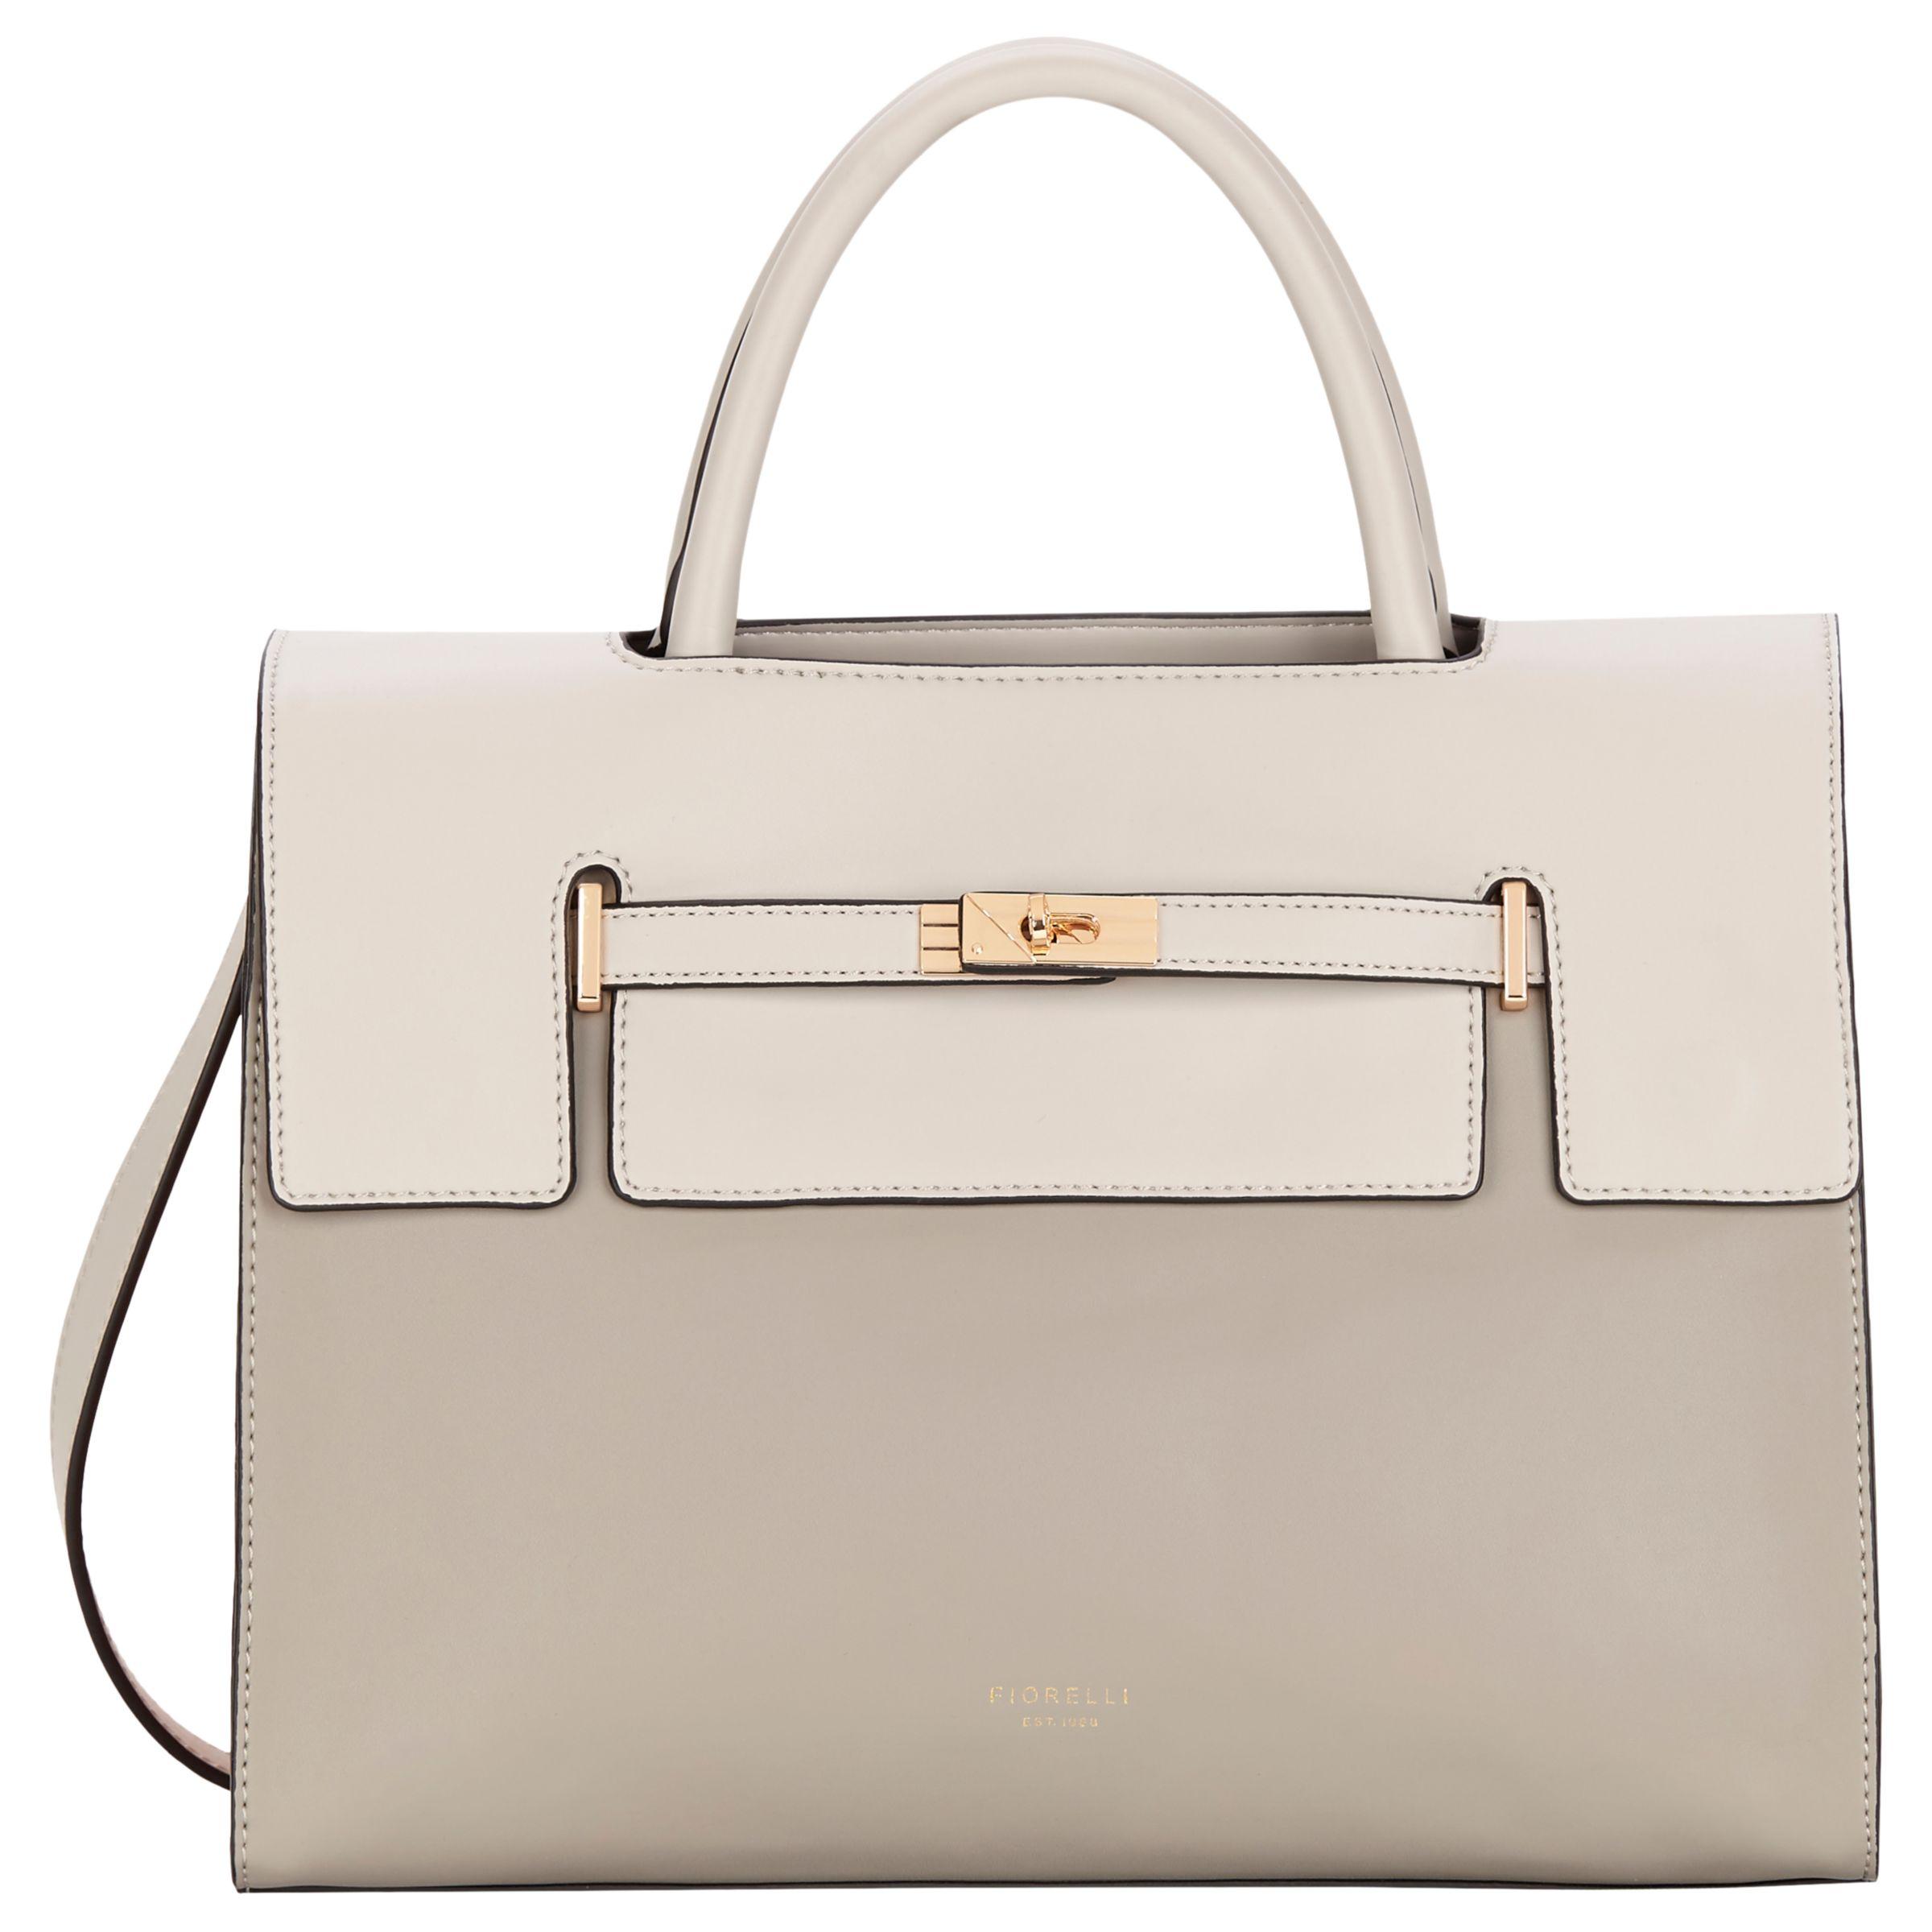 Fiorelli Fiorelli Harlow Tote Bag